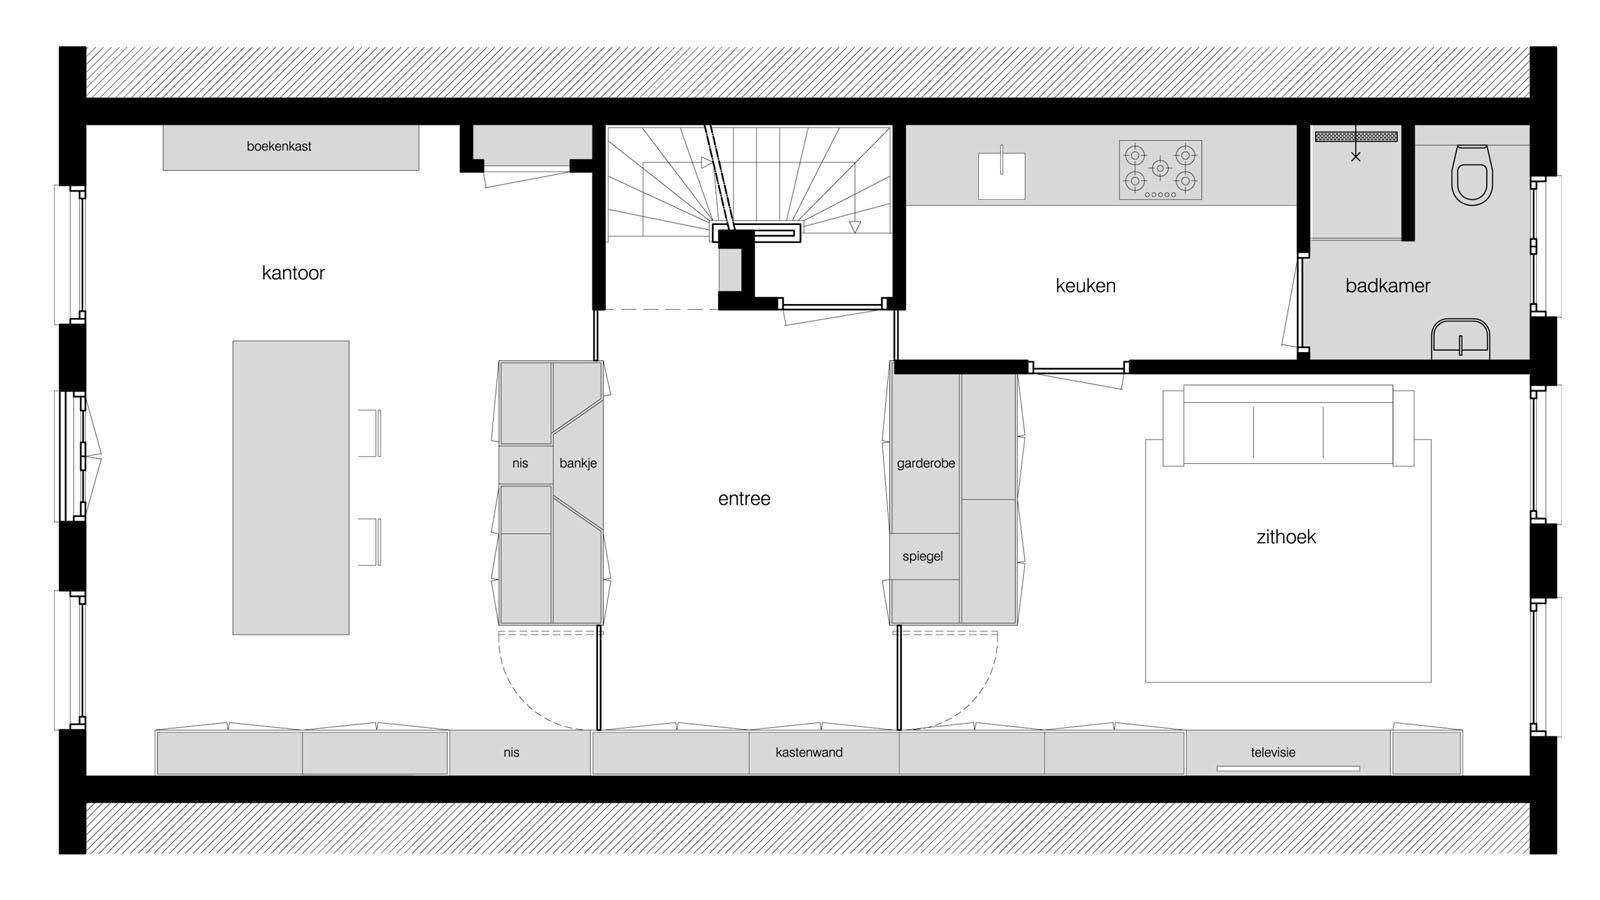 Ontwerp kantoor aan huis bnla for Ontwerp plattegrond